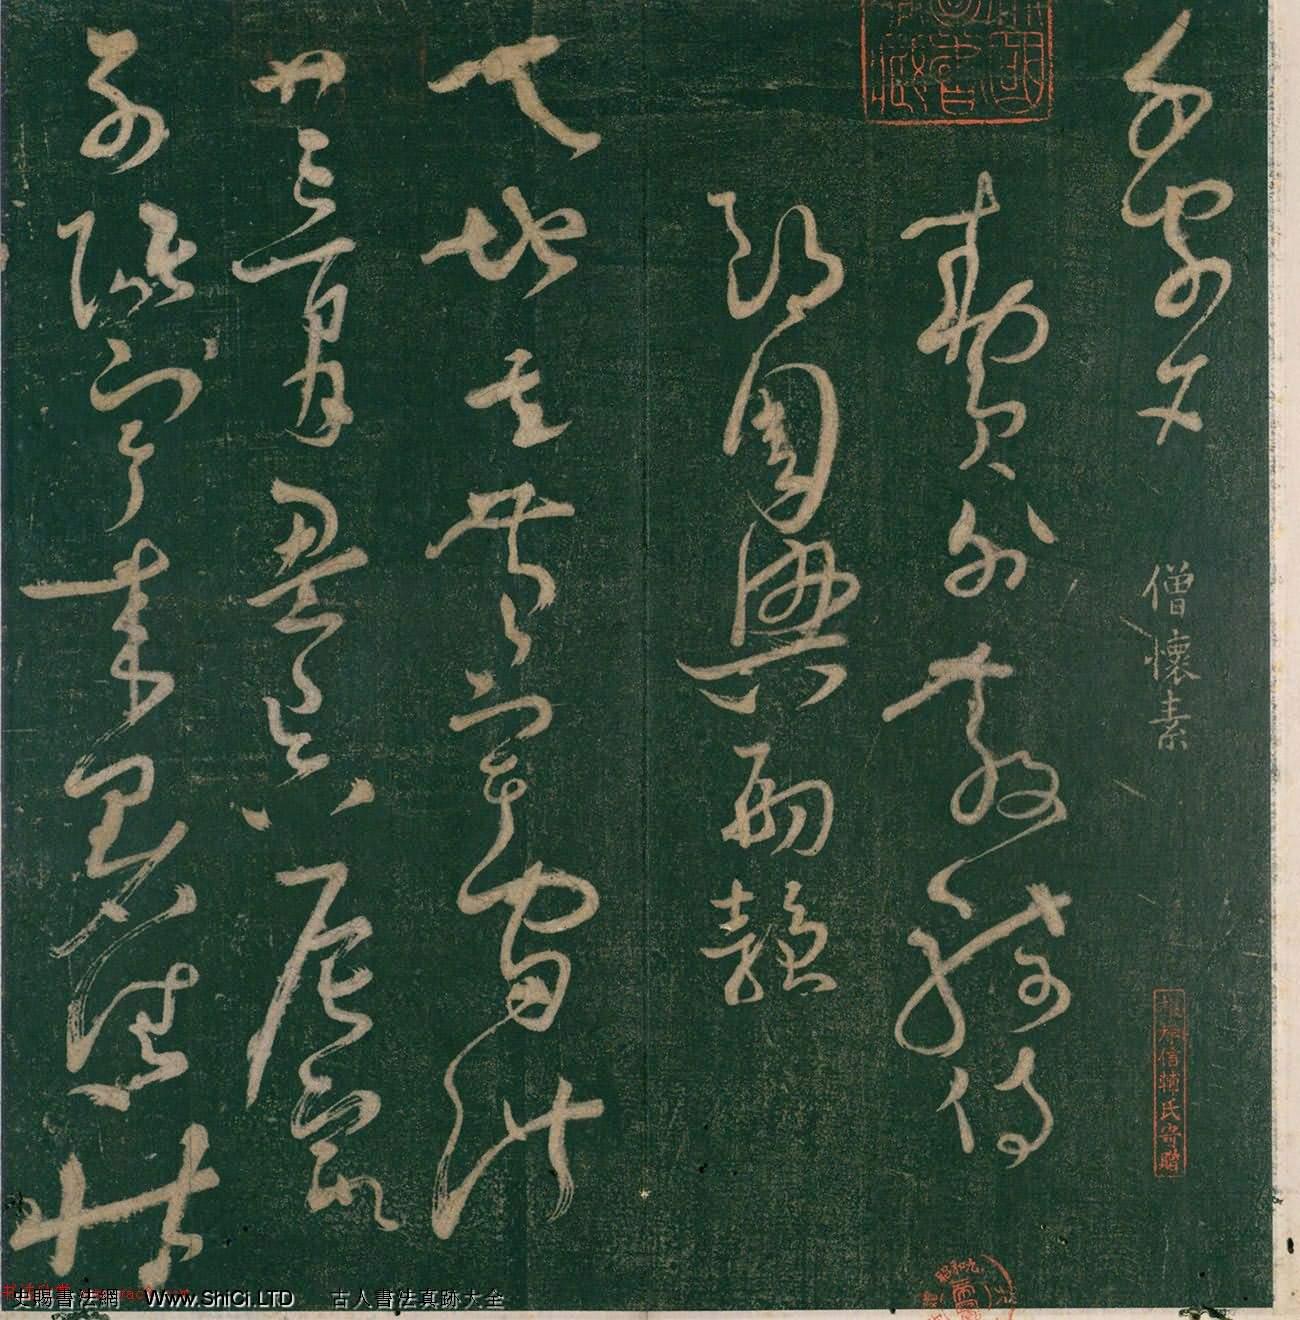 懷素書《大草千字文》明刊本(共15張圖片)